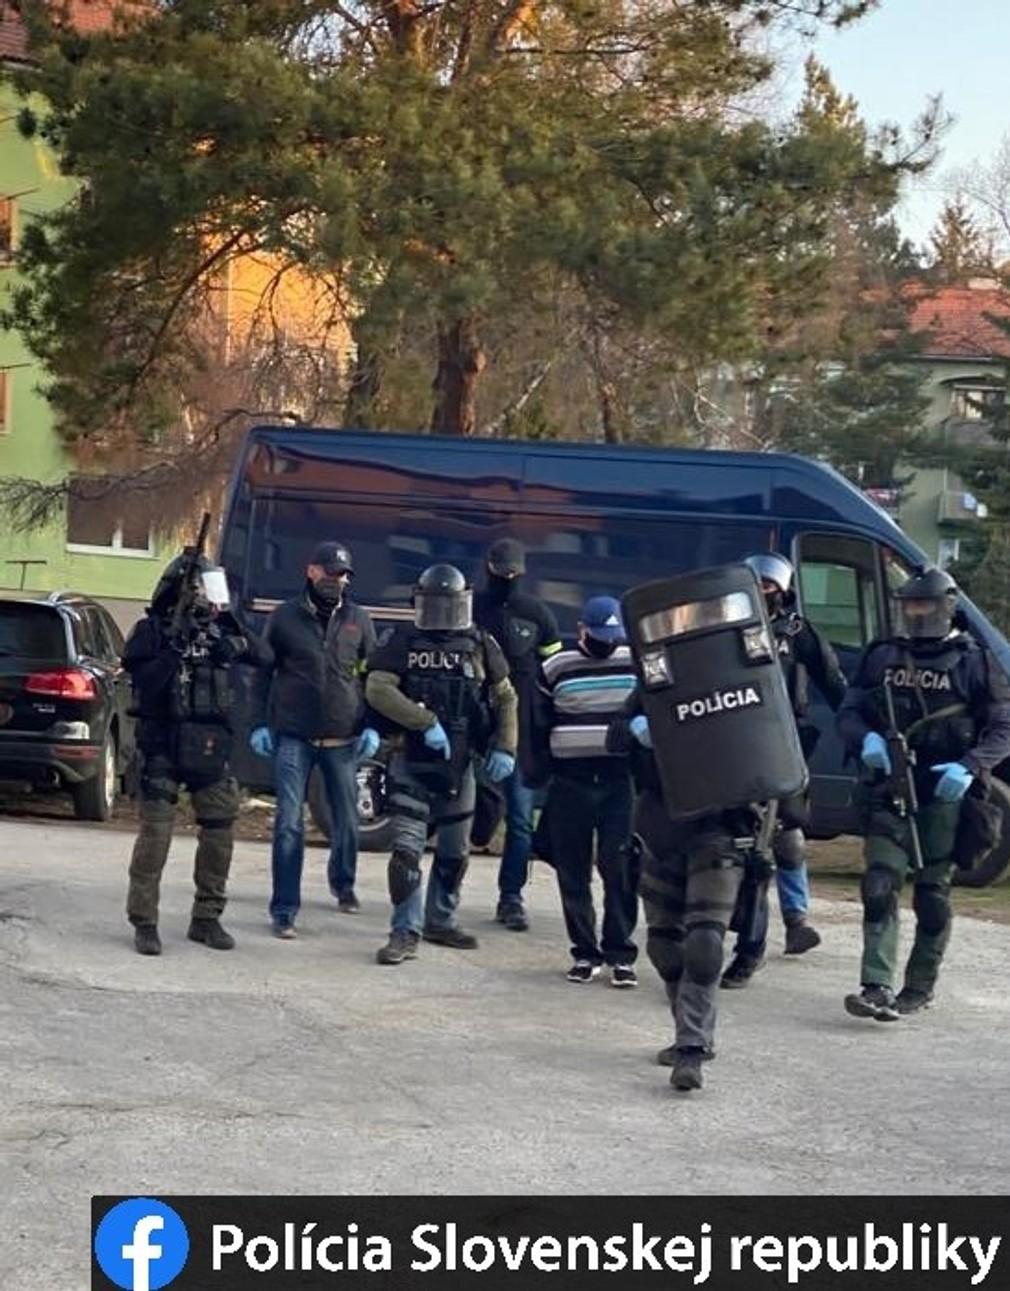 NAKA zasahovala v Levoči. Akcia má súvis s nedovoleným ozbrojovaním